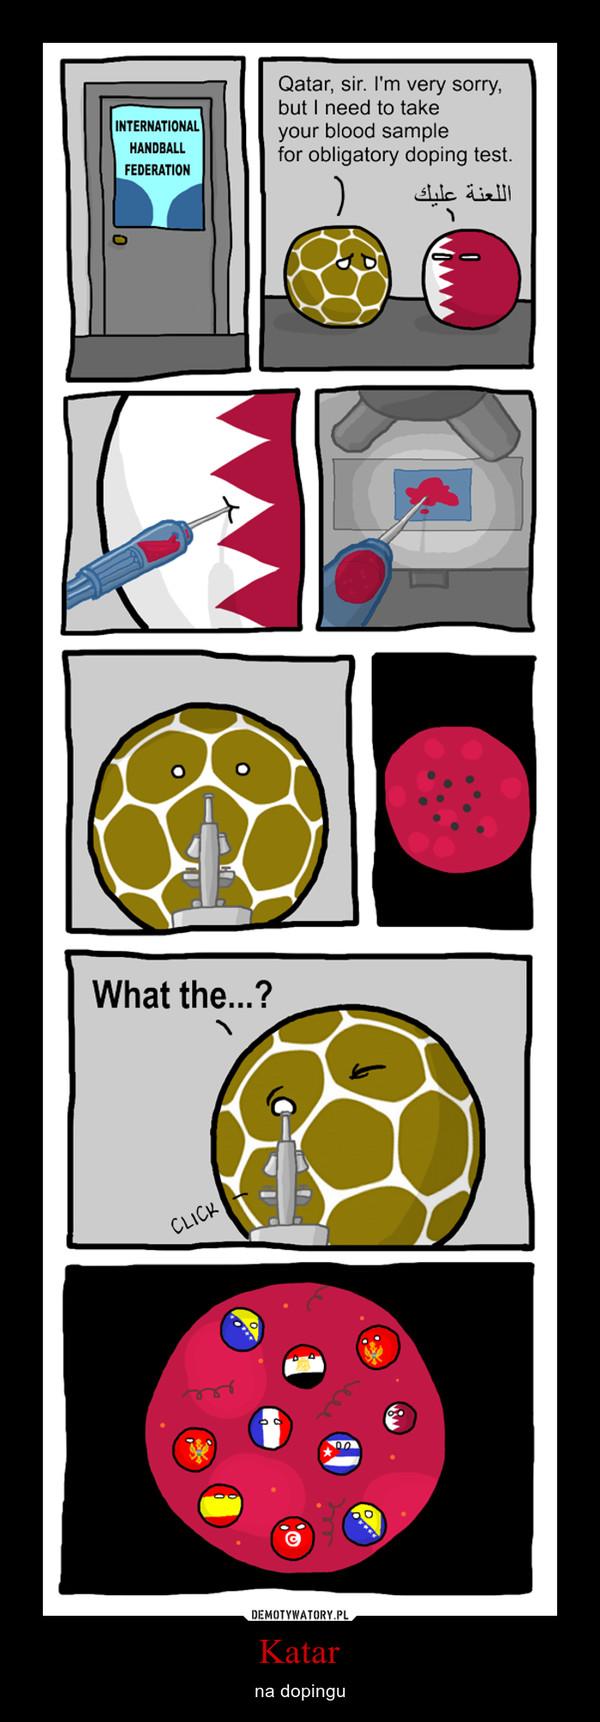 Katar – na dopingu